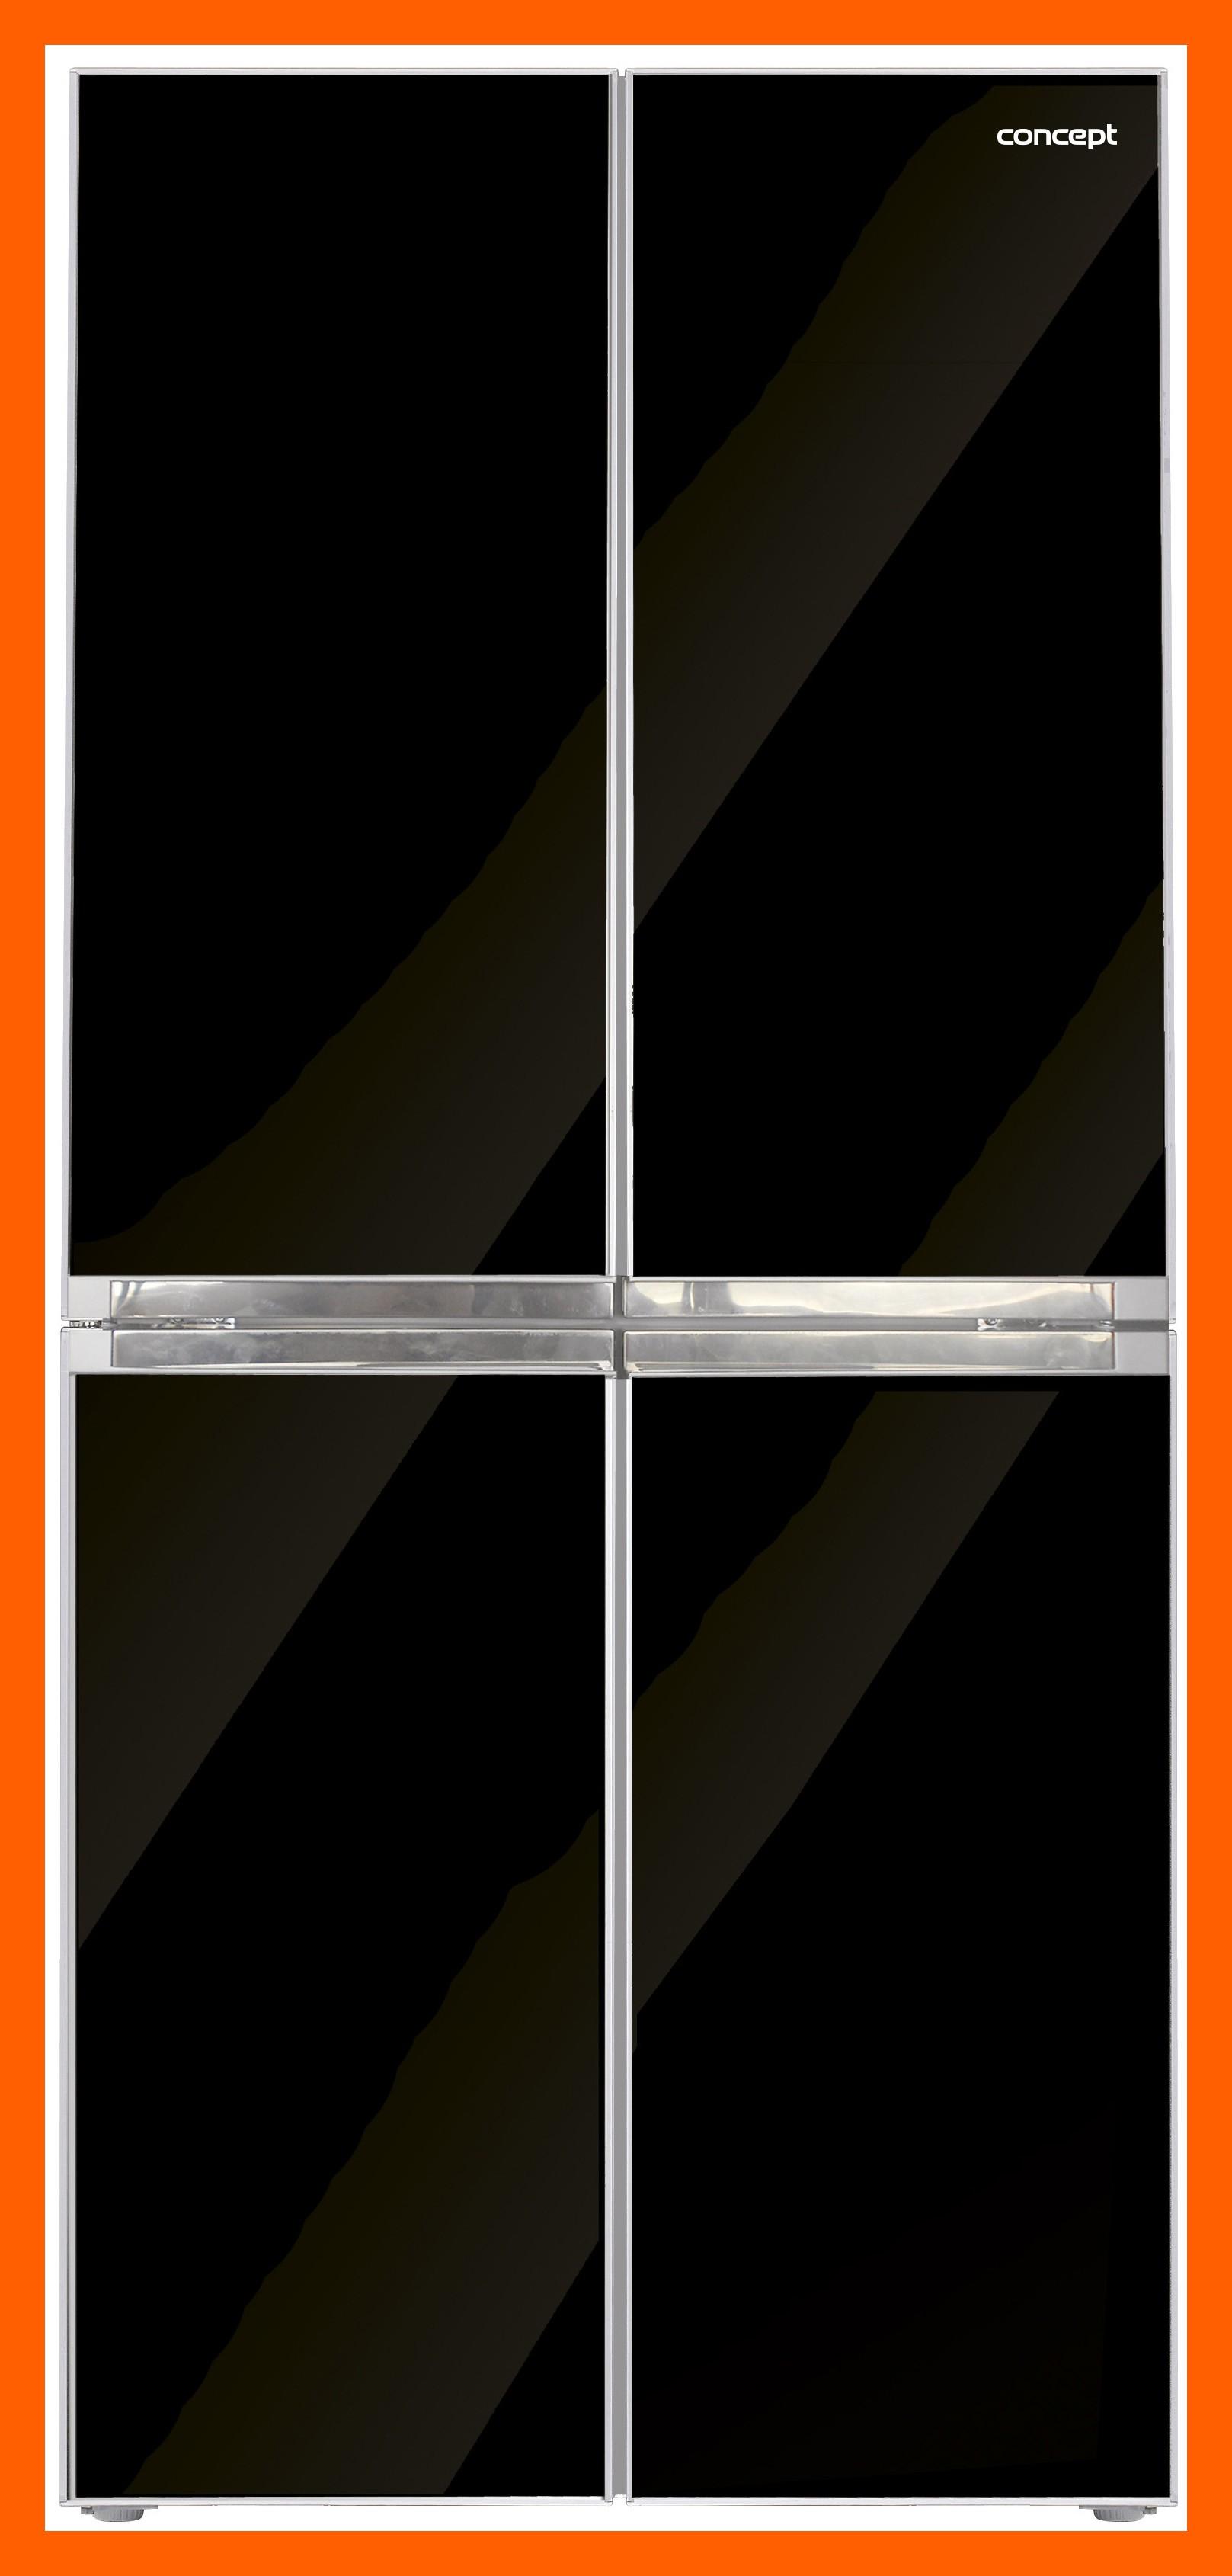 CONCEPT LA8080 - Česká Amerika, Volně stojící kombinovaná chladnička s mrazničkou + MOŽNOST DOPRAVY ZDARMA